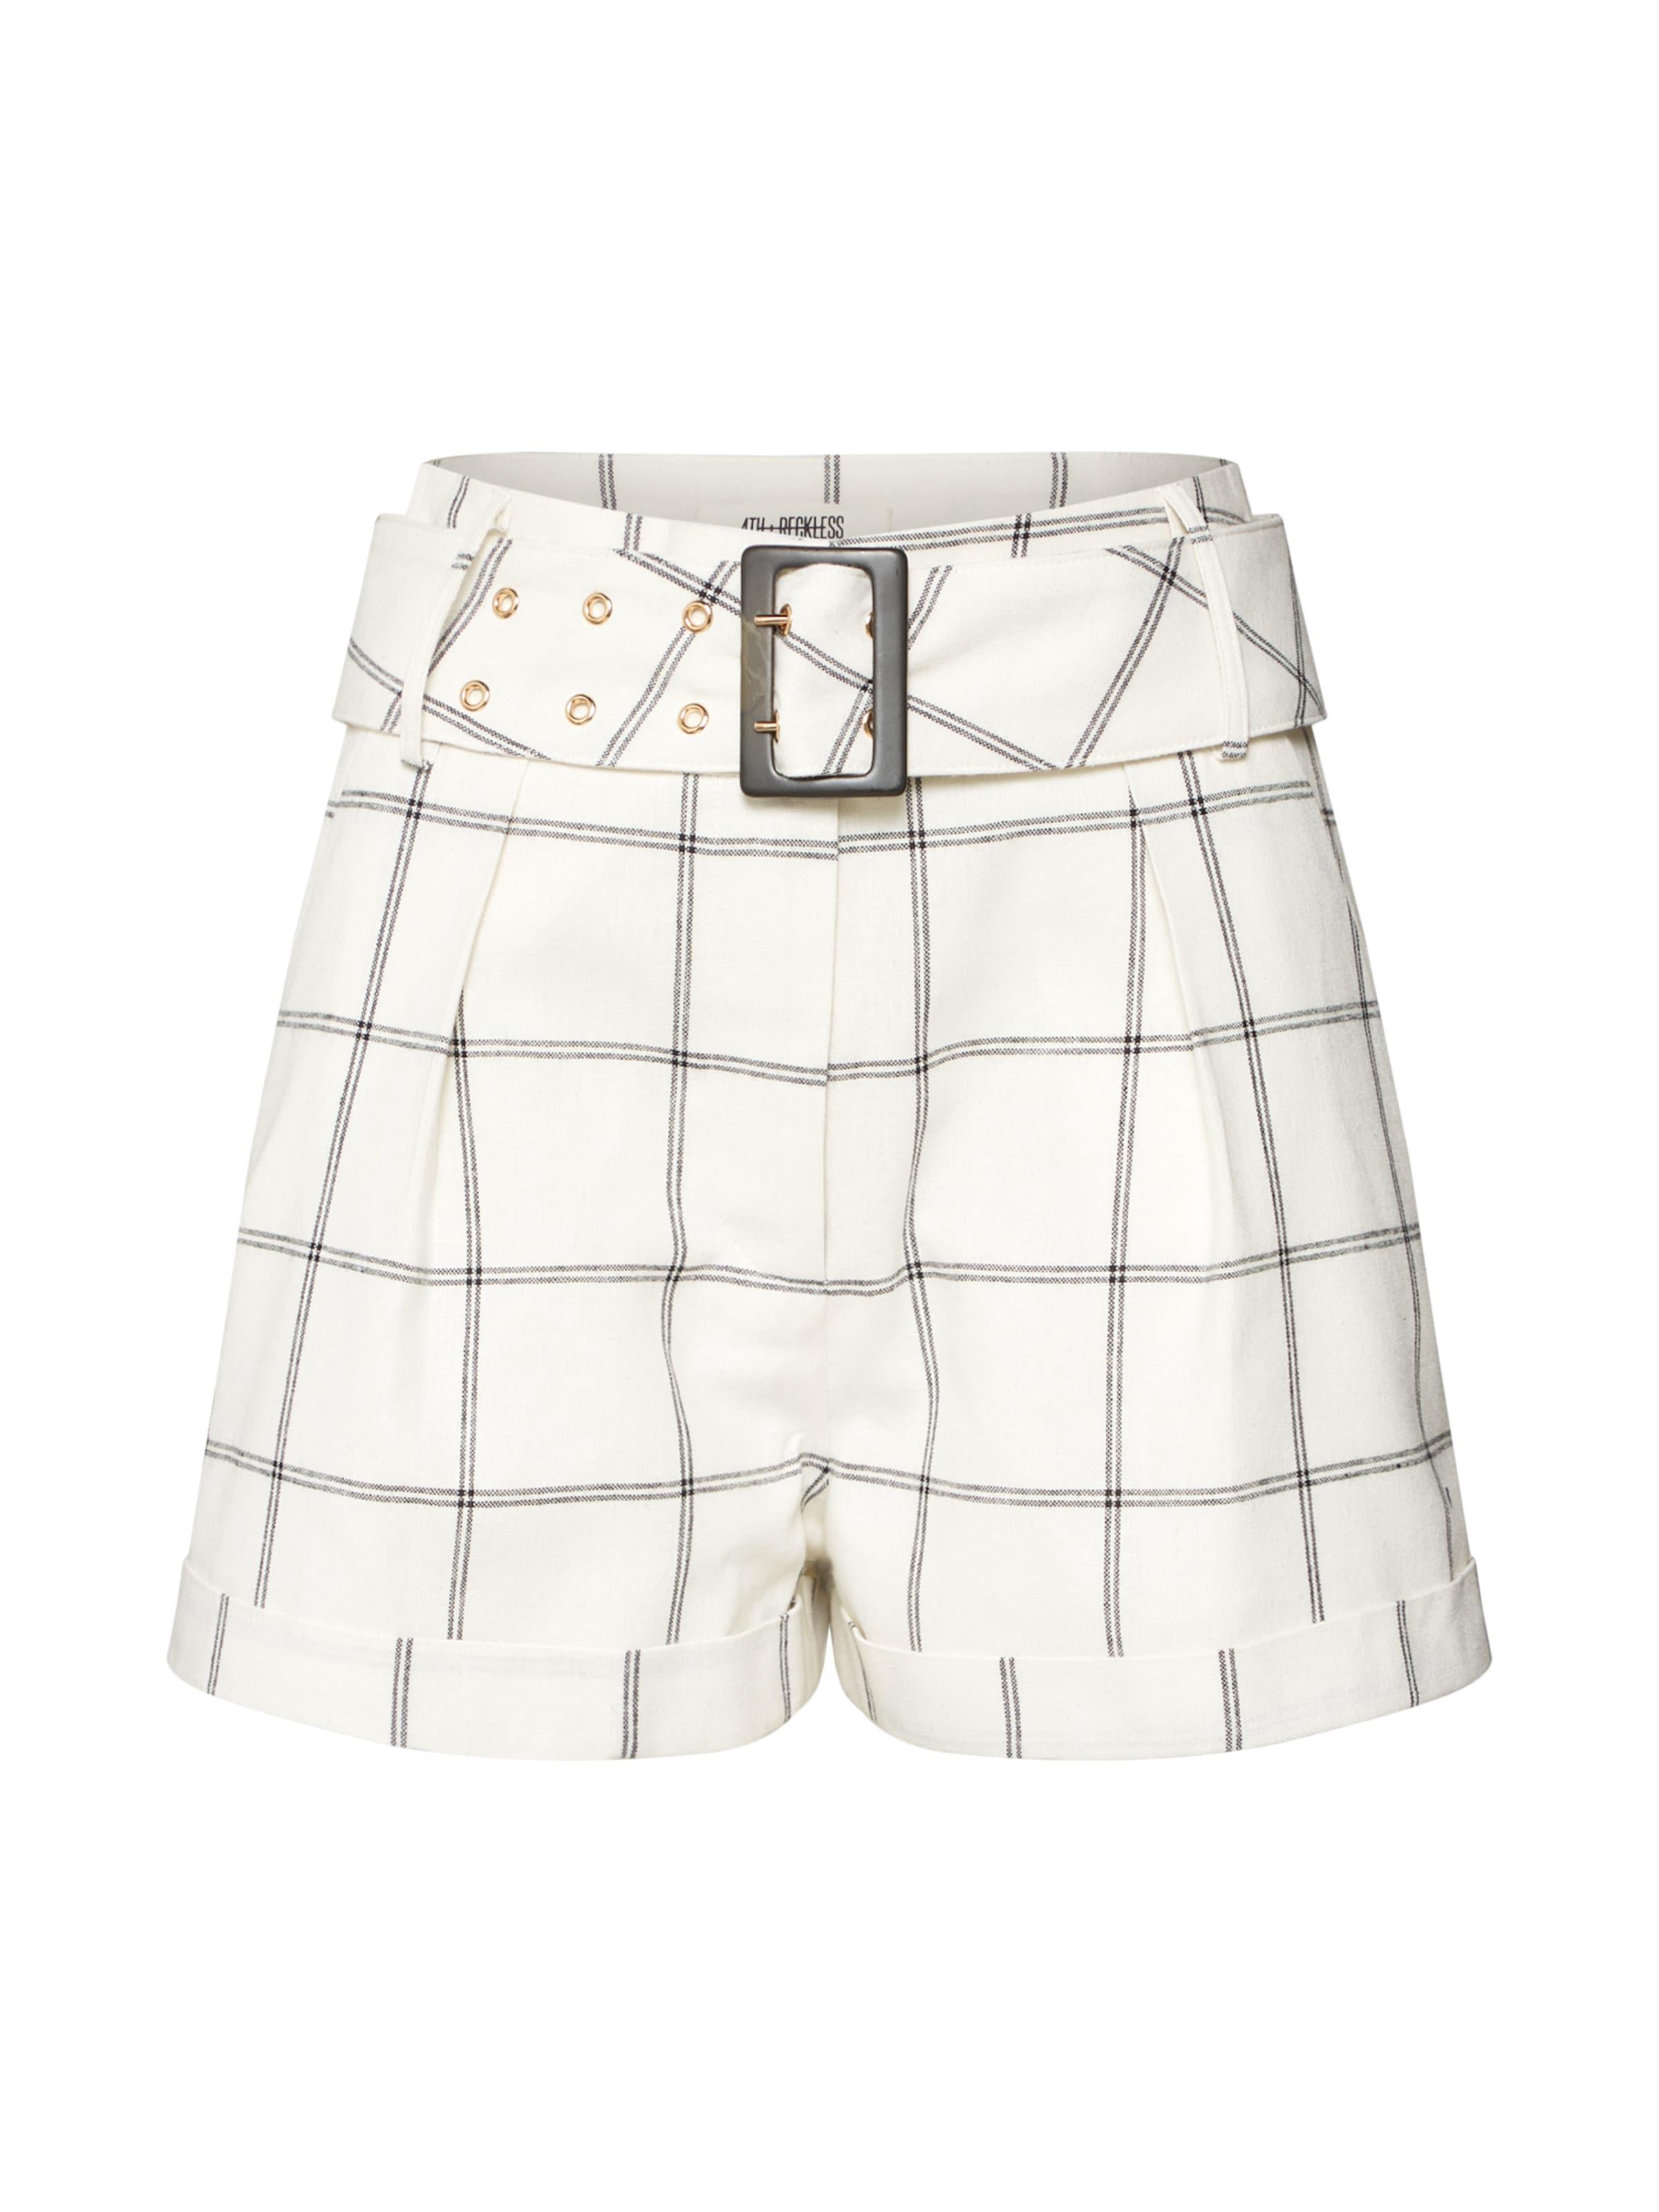 Short' Reckless Pantalon 'corin En 4thamp; NoirBlanc nO0Pwk